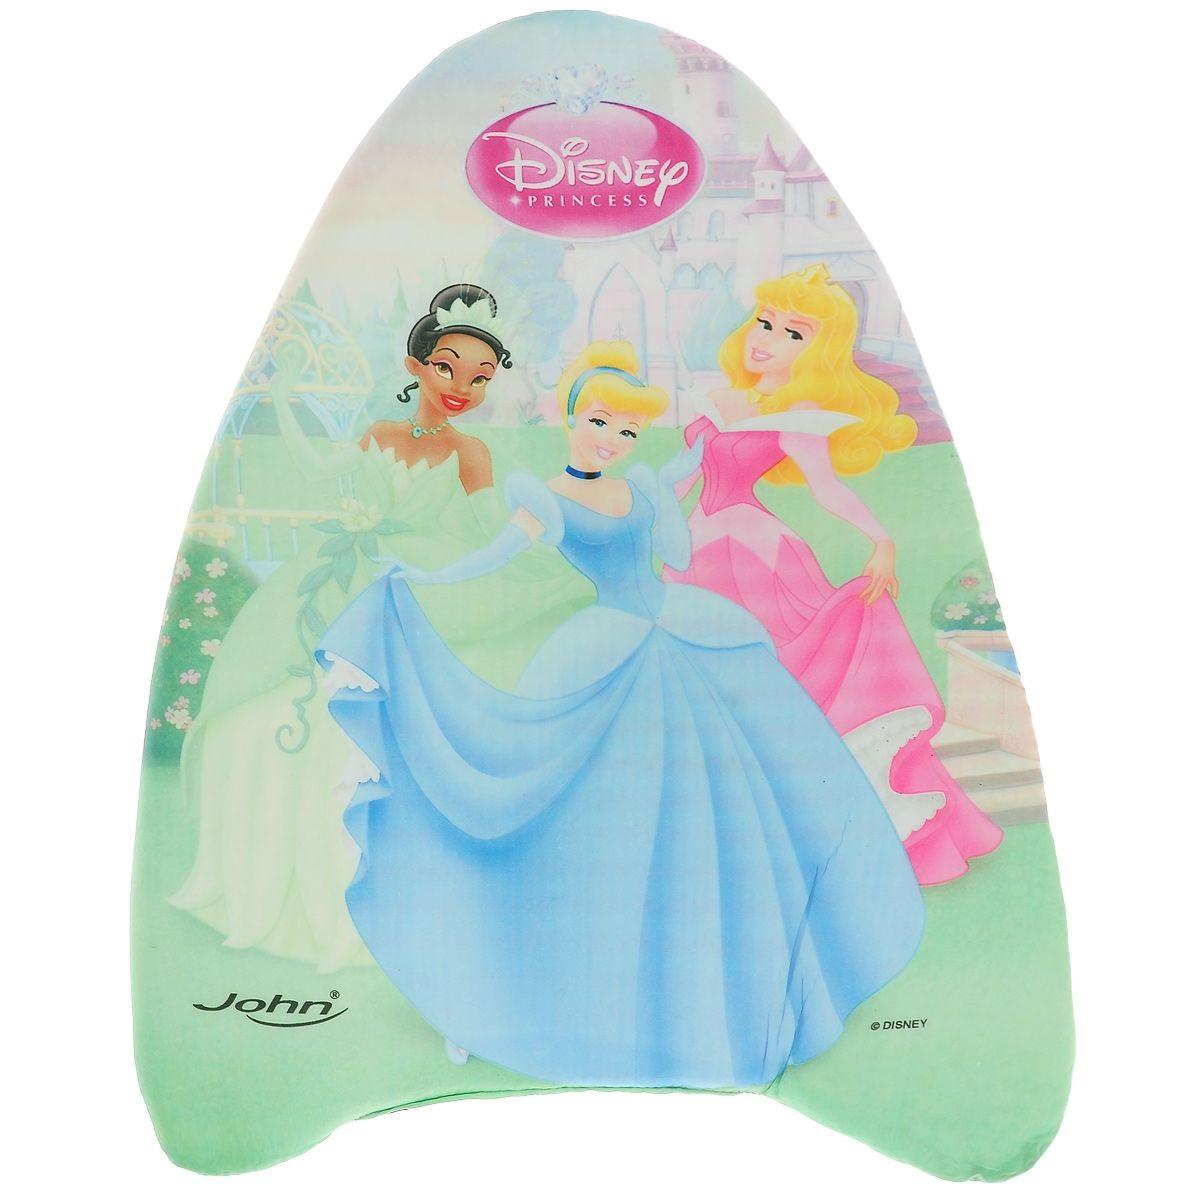 Доска для плавания из серии Принцессы, 42 см.Нарукавники и жилеты<br>Доска для плавания из серии Принцессы, 42 см.<br>